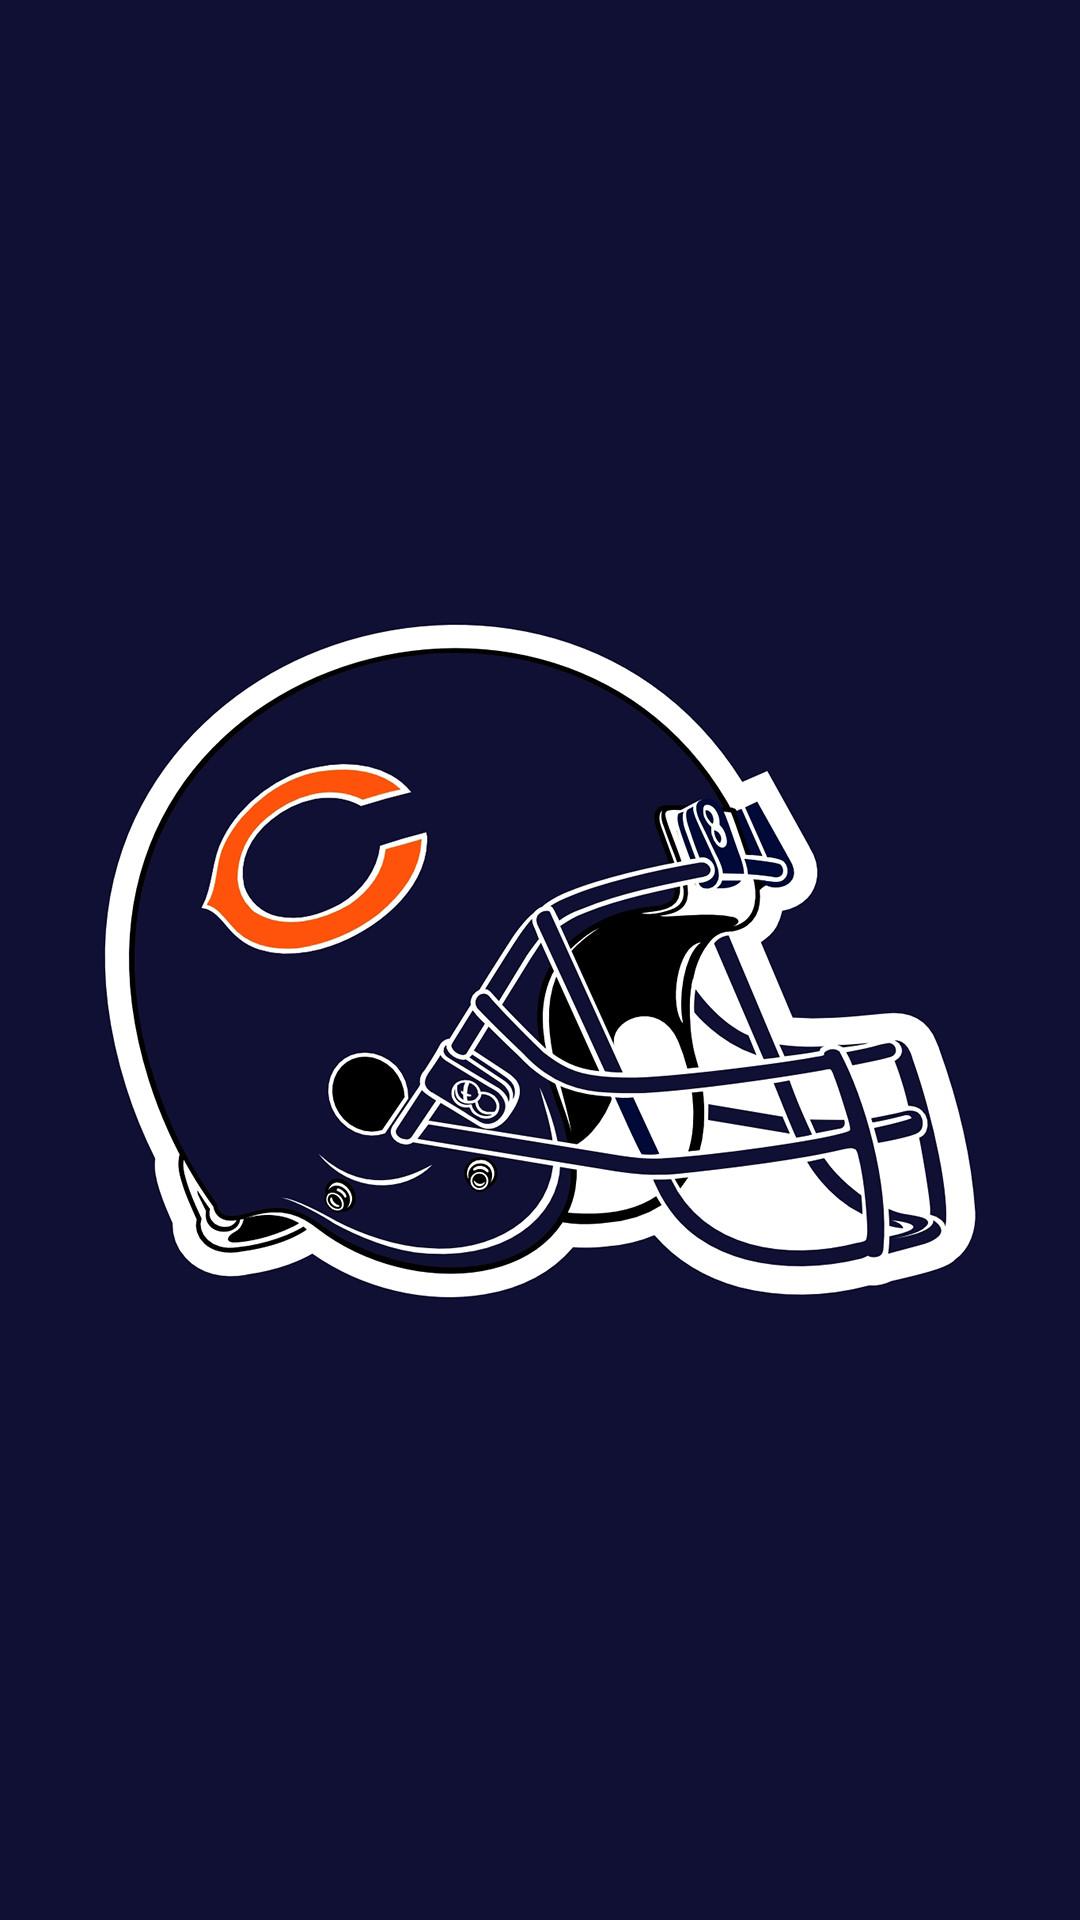 Chicago Bears NFL IPHONE WALLPAPER Pinterest Chicago Bears